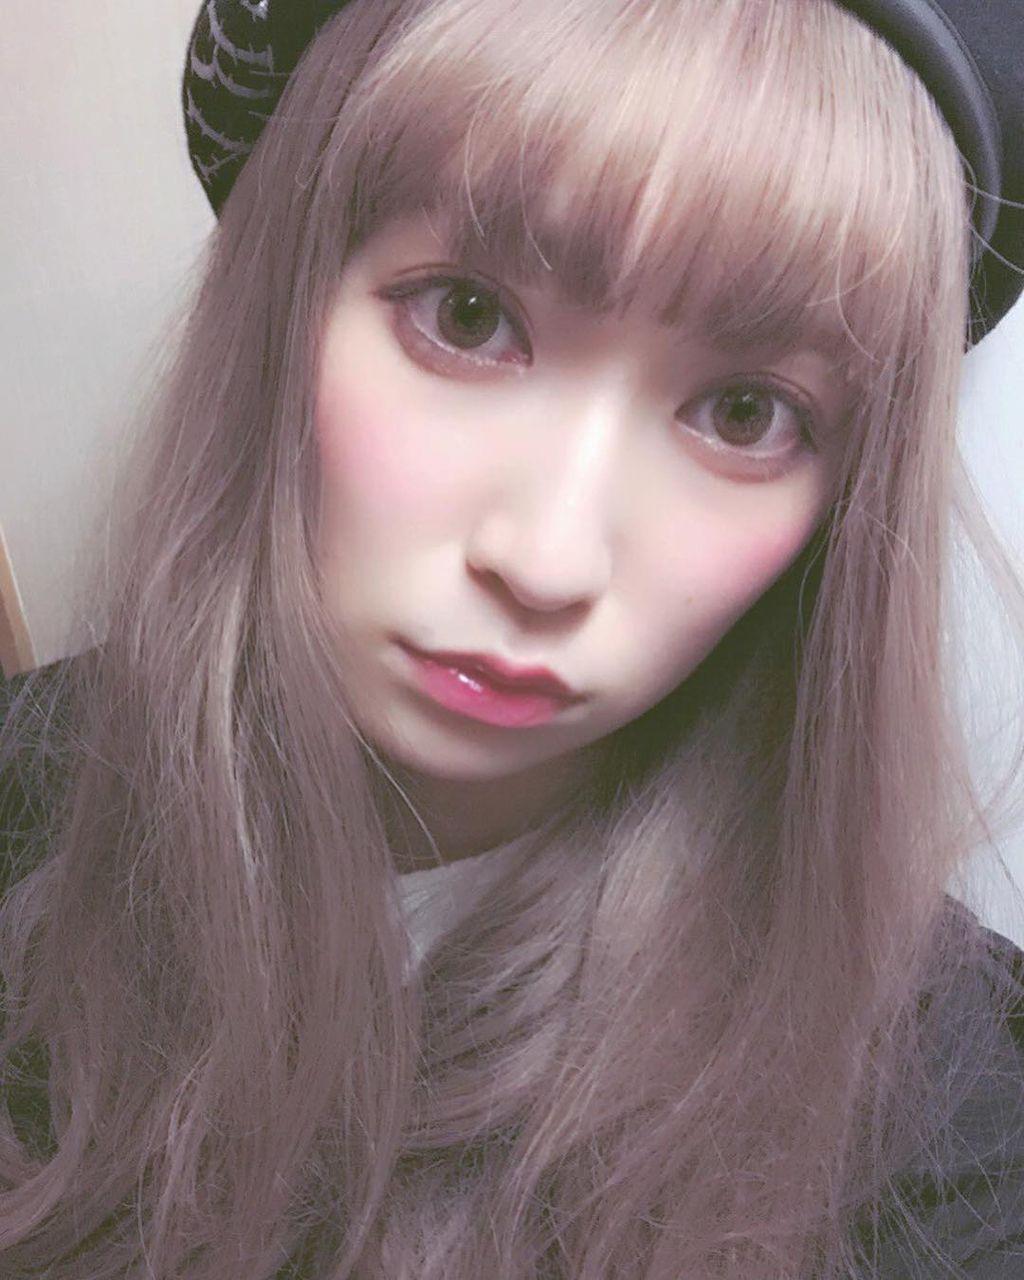 ズキ子 髪型